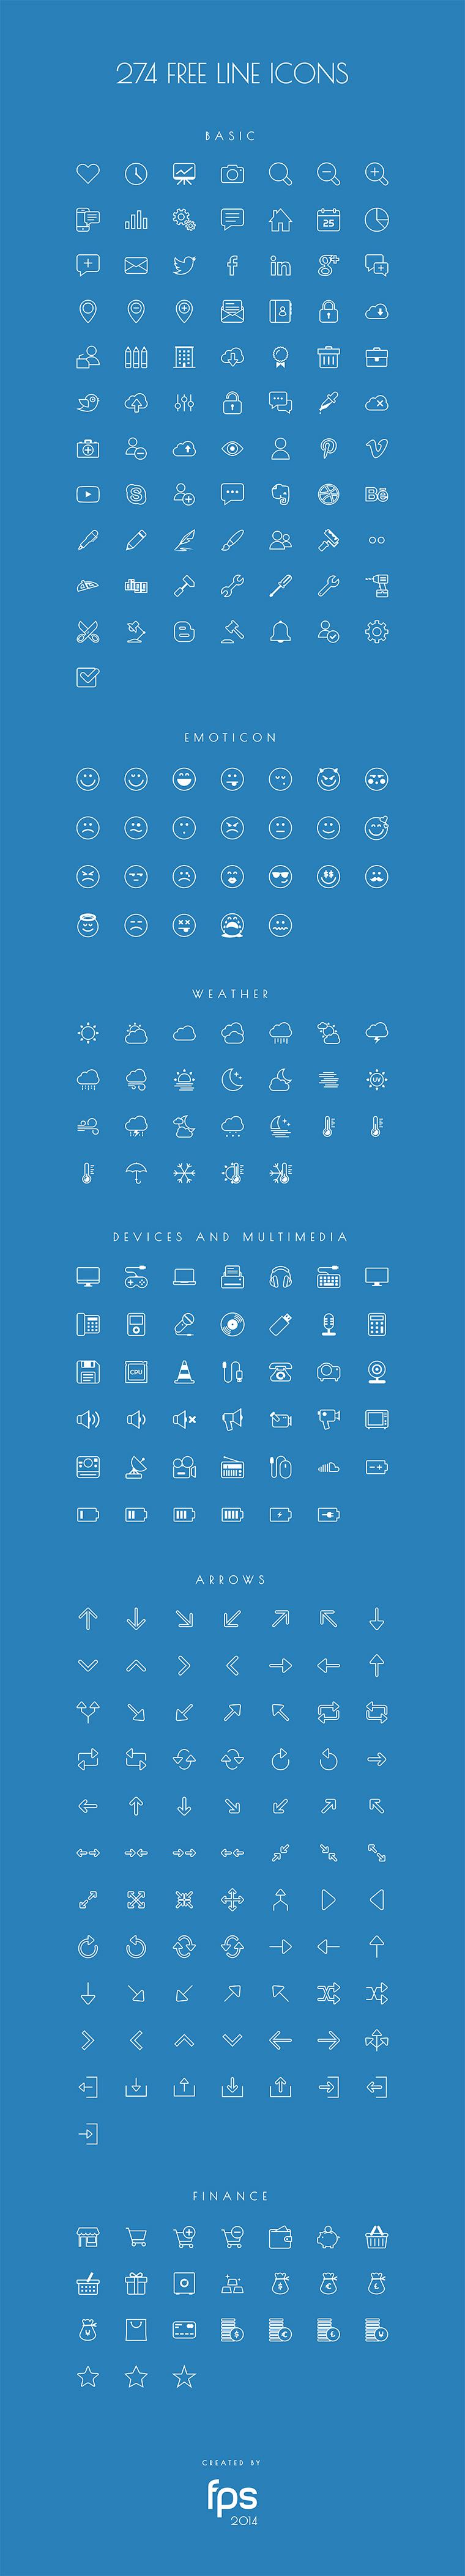 274个免费线条图标字体 – 274 Vector Line Icons for free - 任刚 · Ren Gang 世界设计 · 设计世界